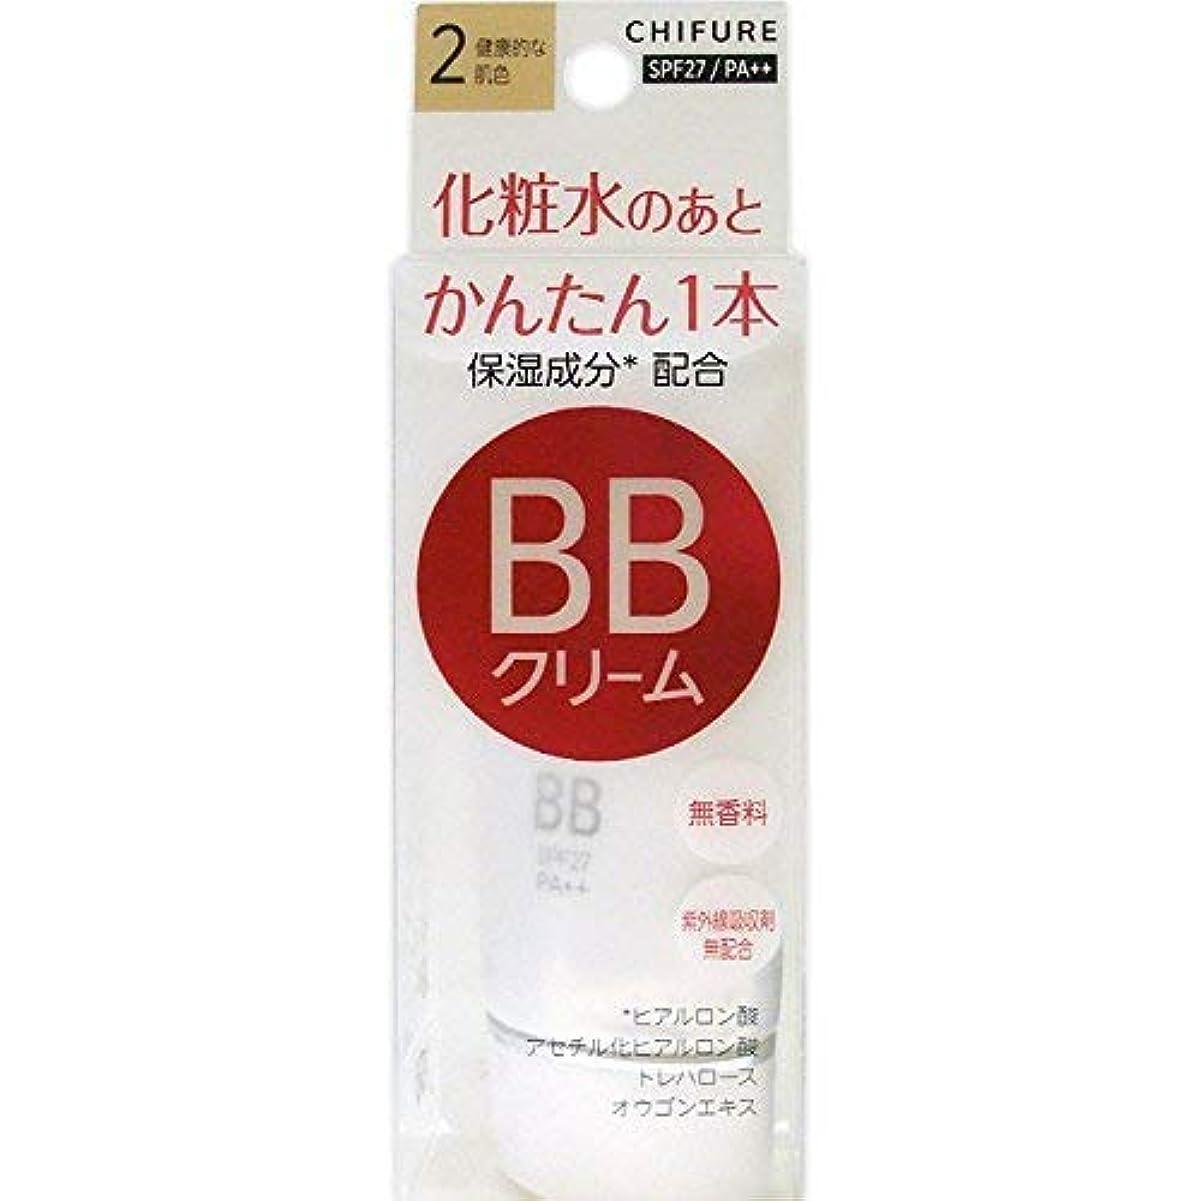 動機付ける不確実ノートちふれ化粧品 BB クリーム 2 健康的な肌色 BBクリーム 2